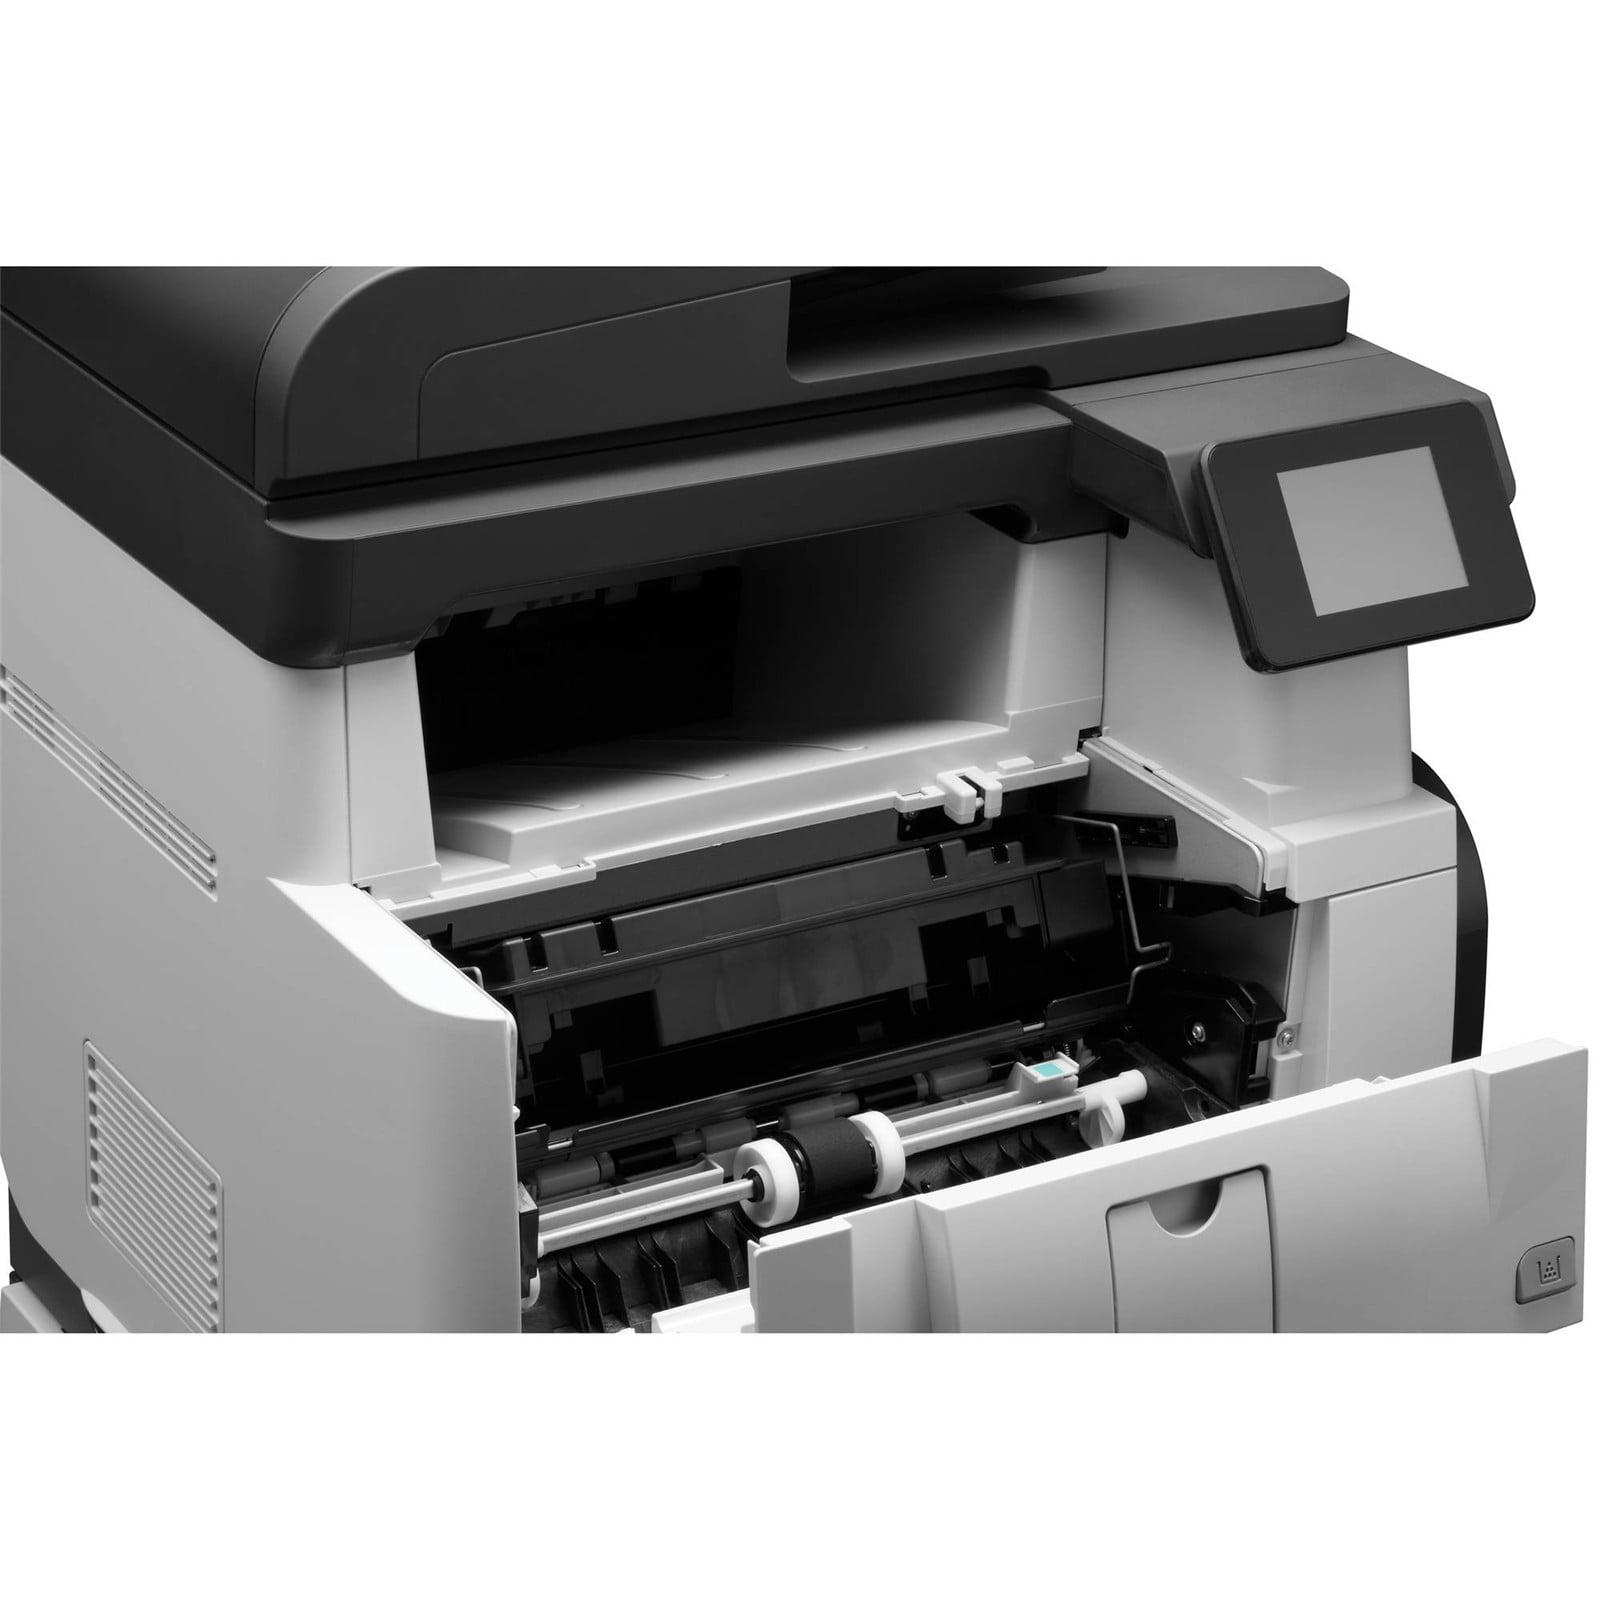 پرینتر چندکاره لیزری M521dw اچ پی کیفیت ساخت خوبی دارد و با جنس بدنه پلاستیکی، میتواند در برابر صدمات احتمالی مقاومت خوبی از خود نشان دهد.